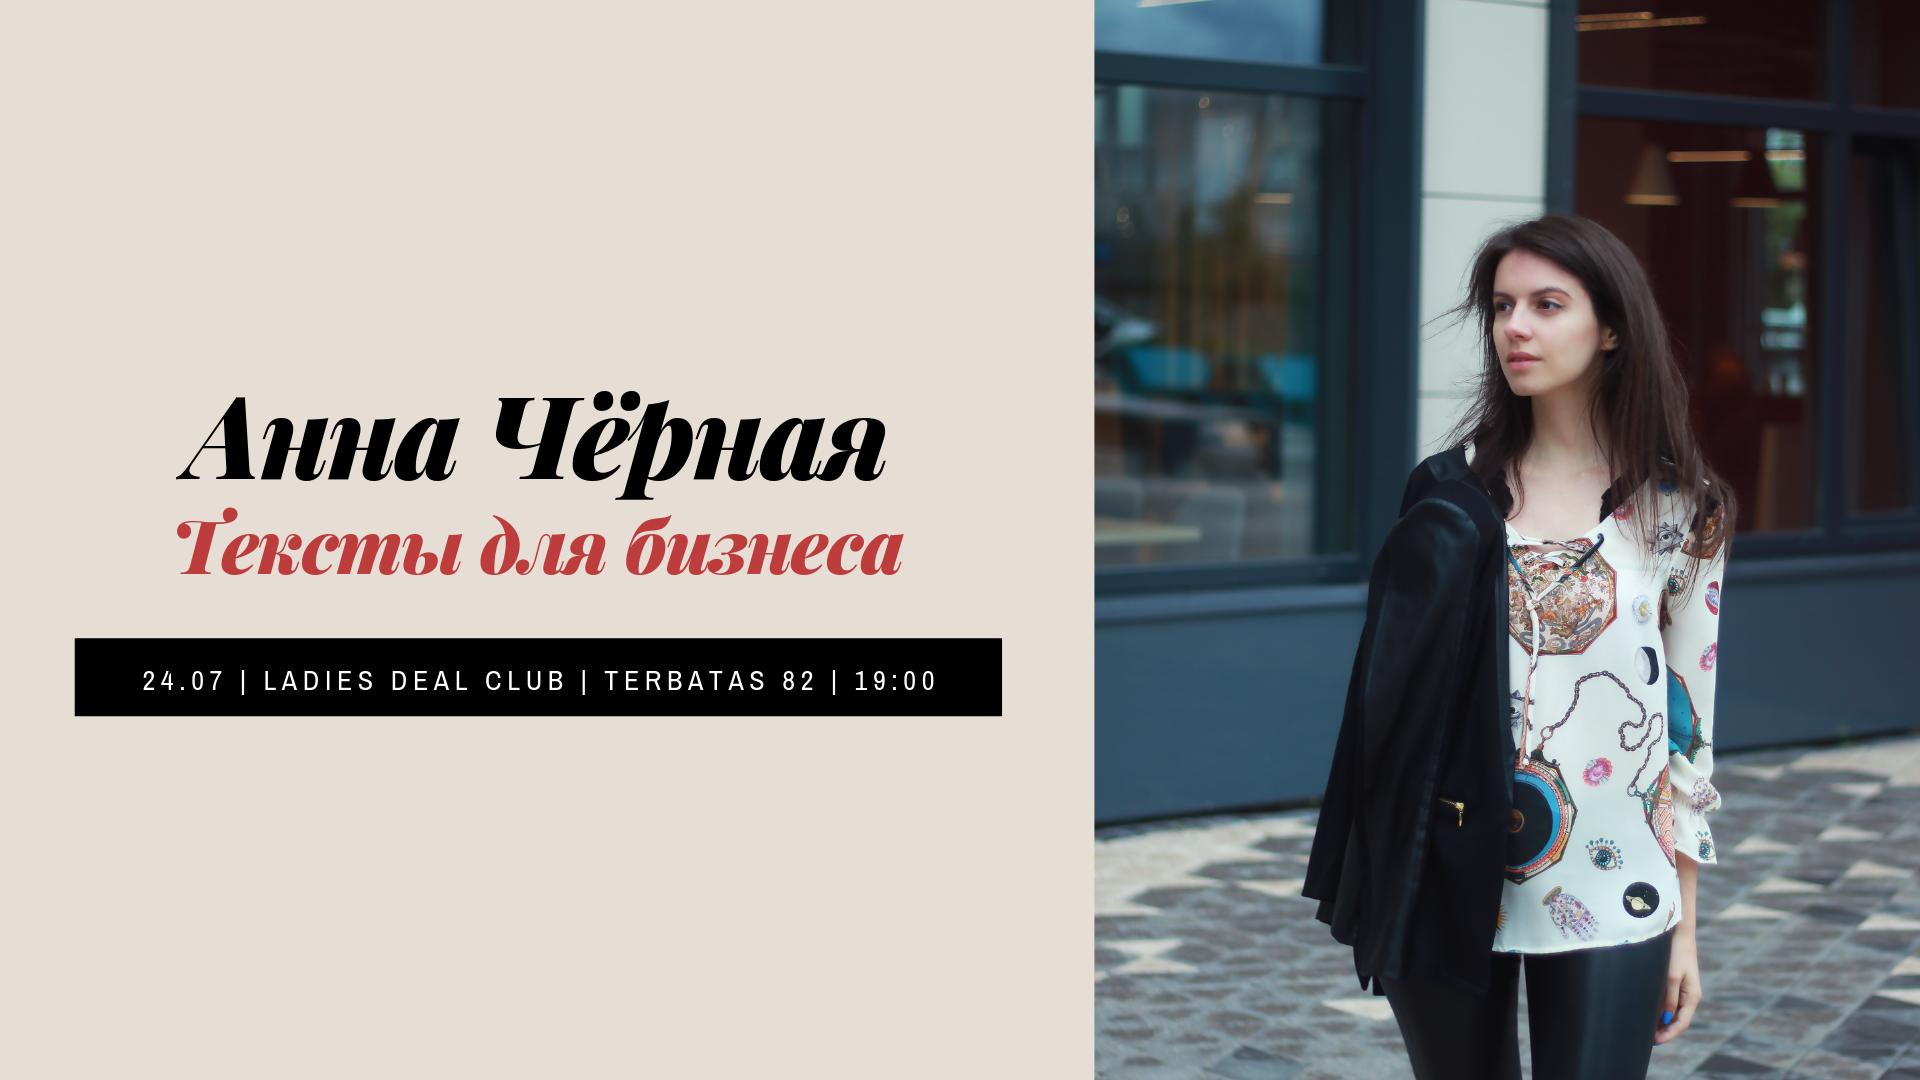 Анна Черная. Тексты для бизнеса 2